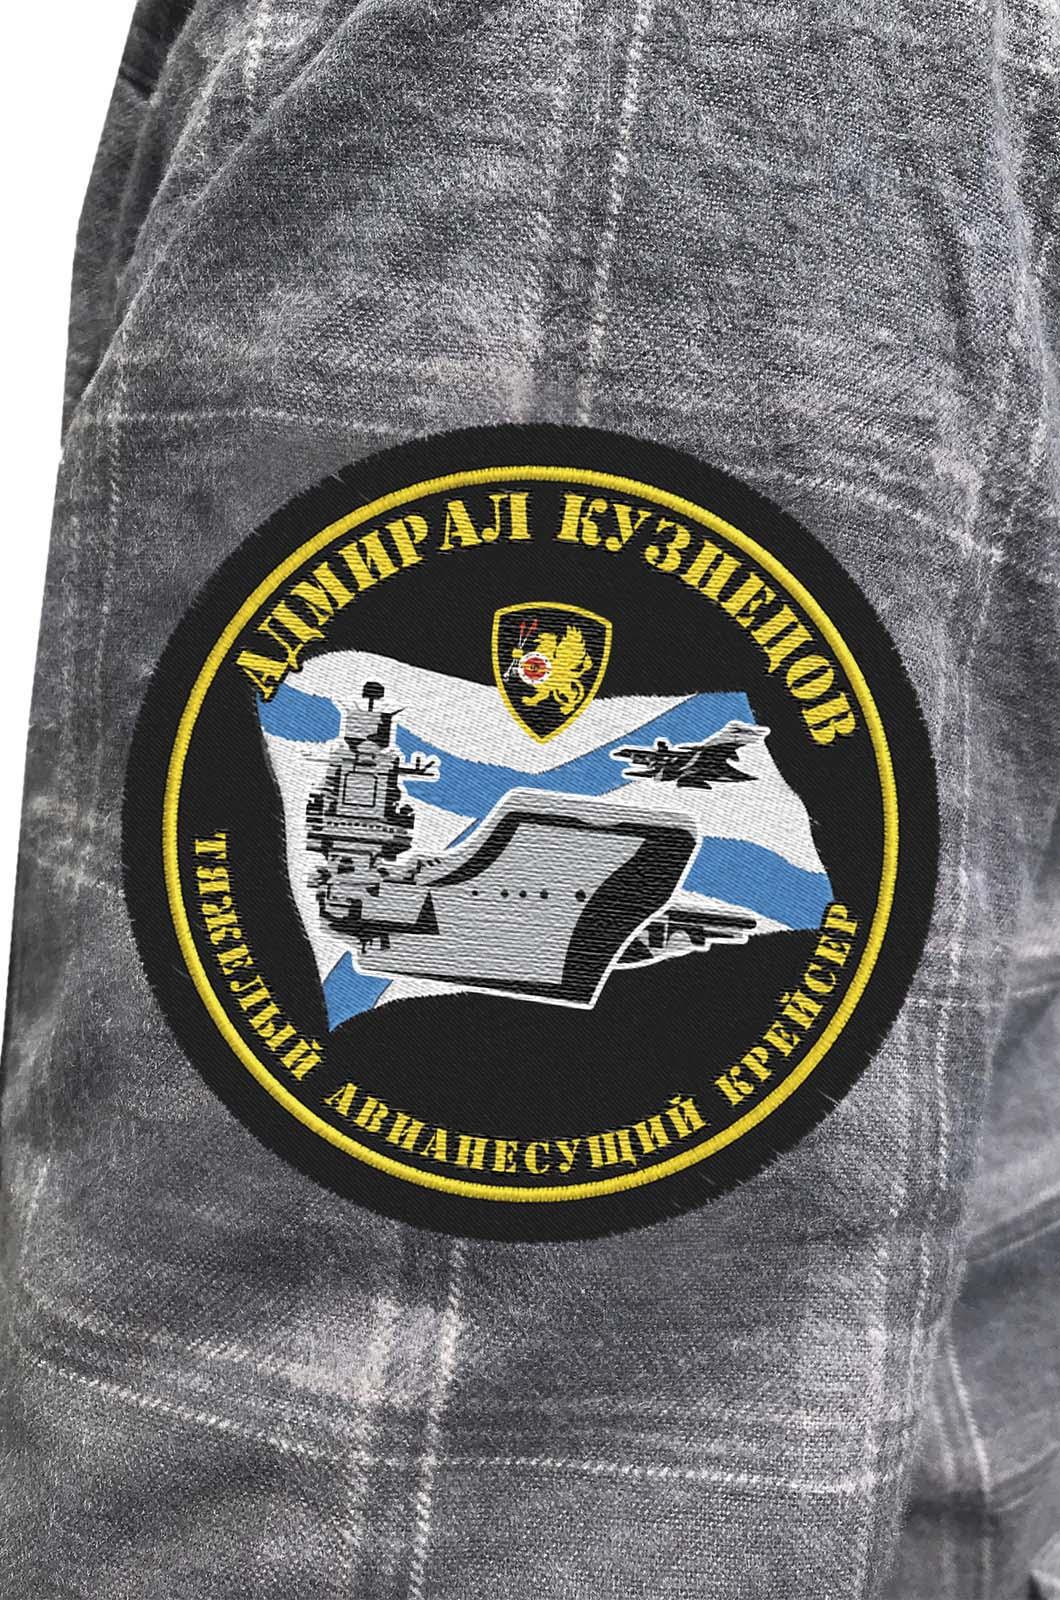 Мужская утепленная рубашка ВМФ ТАВКР Адмирал Кузнецов купить выгодно